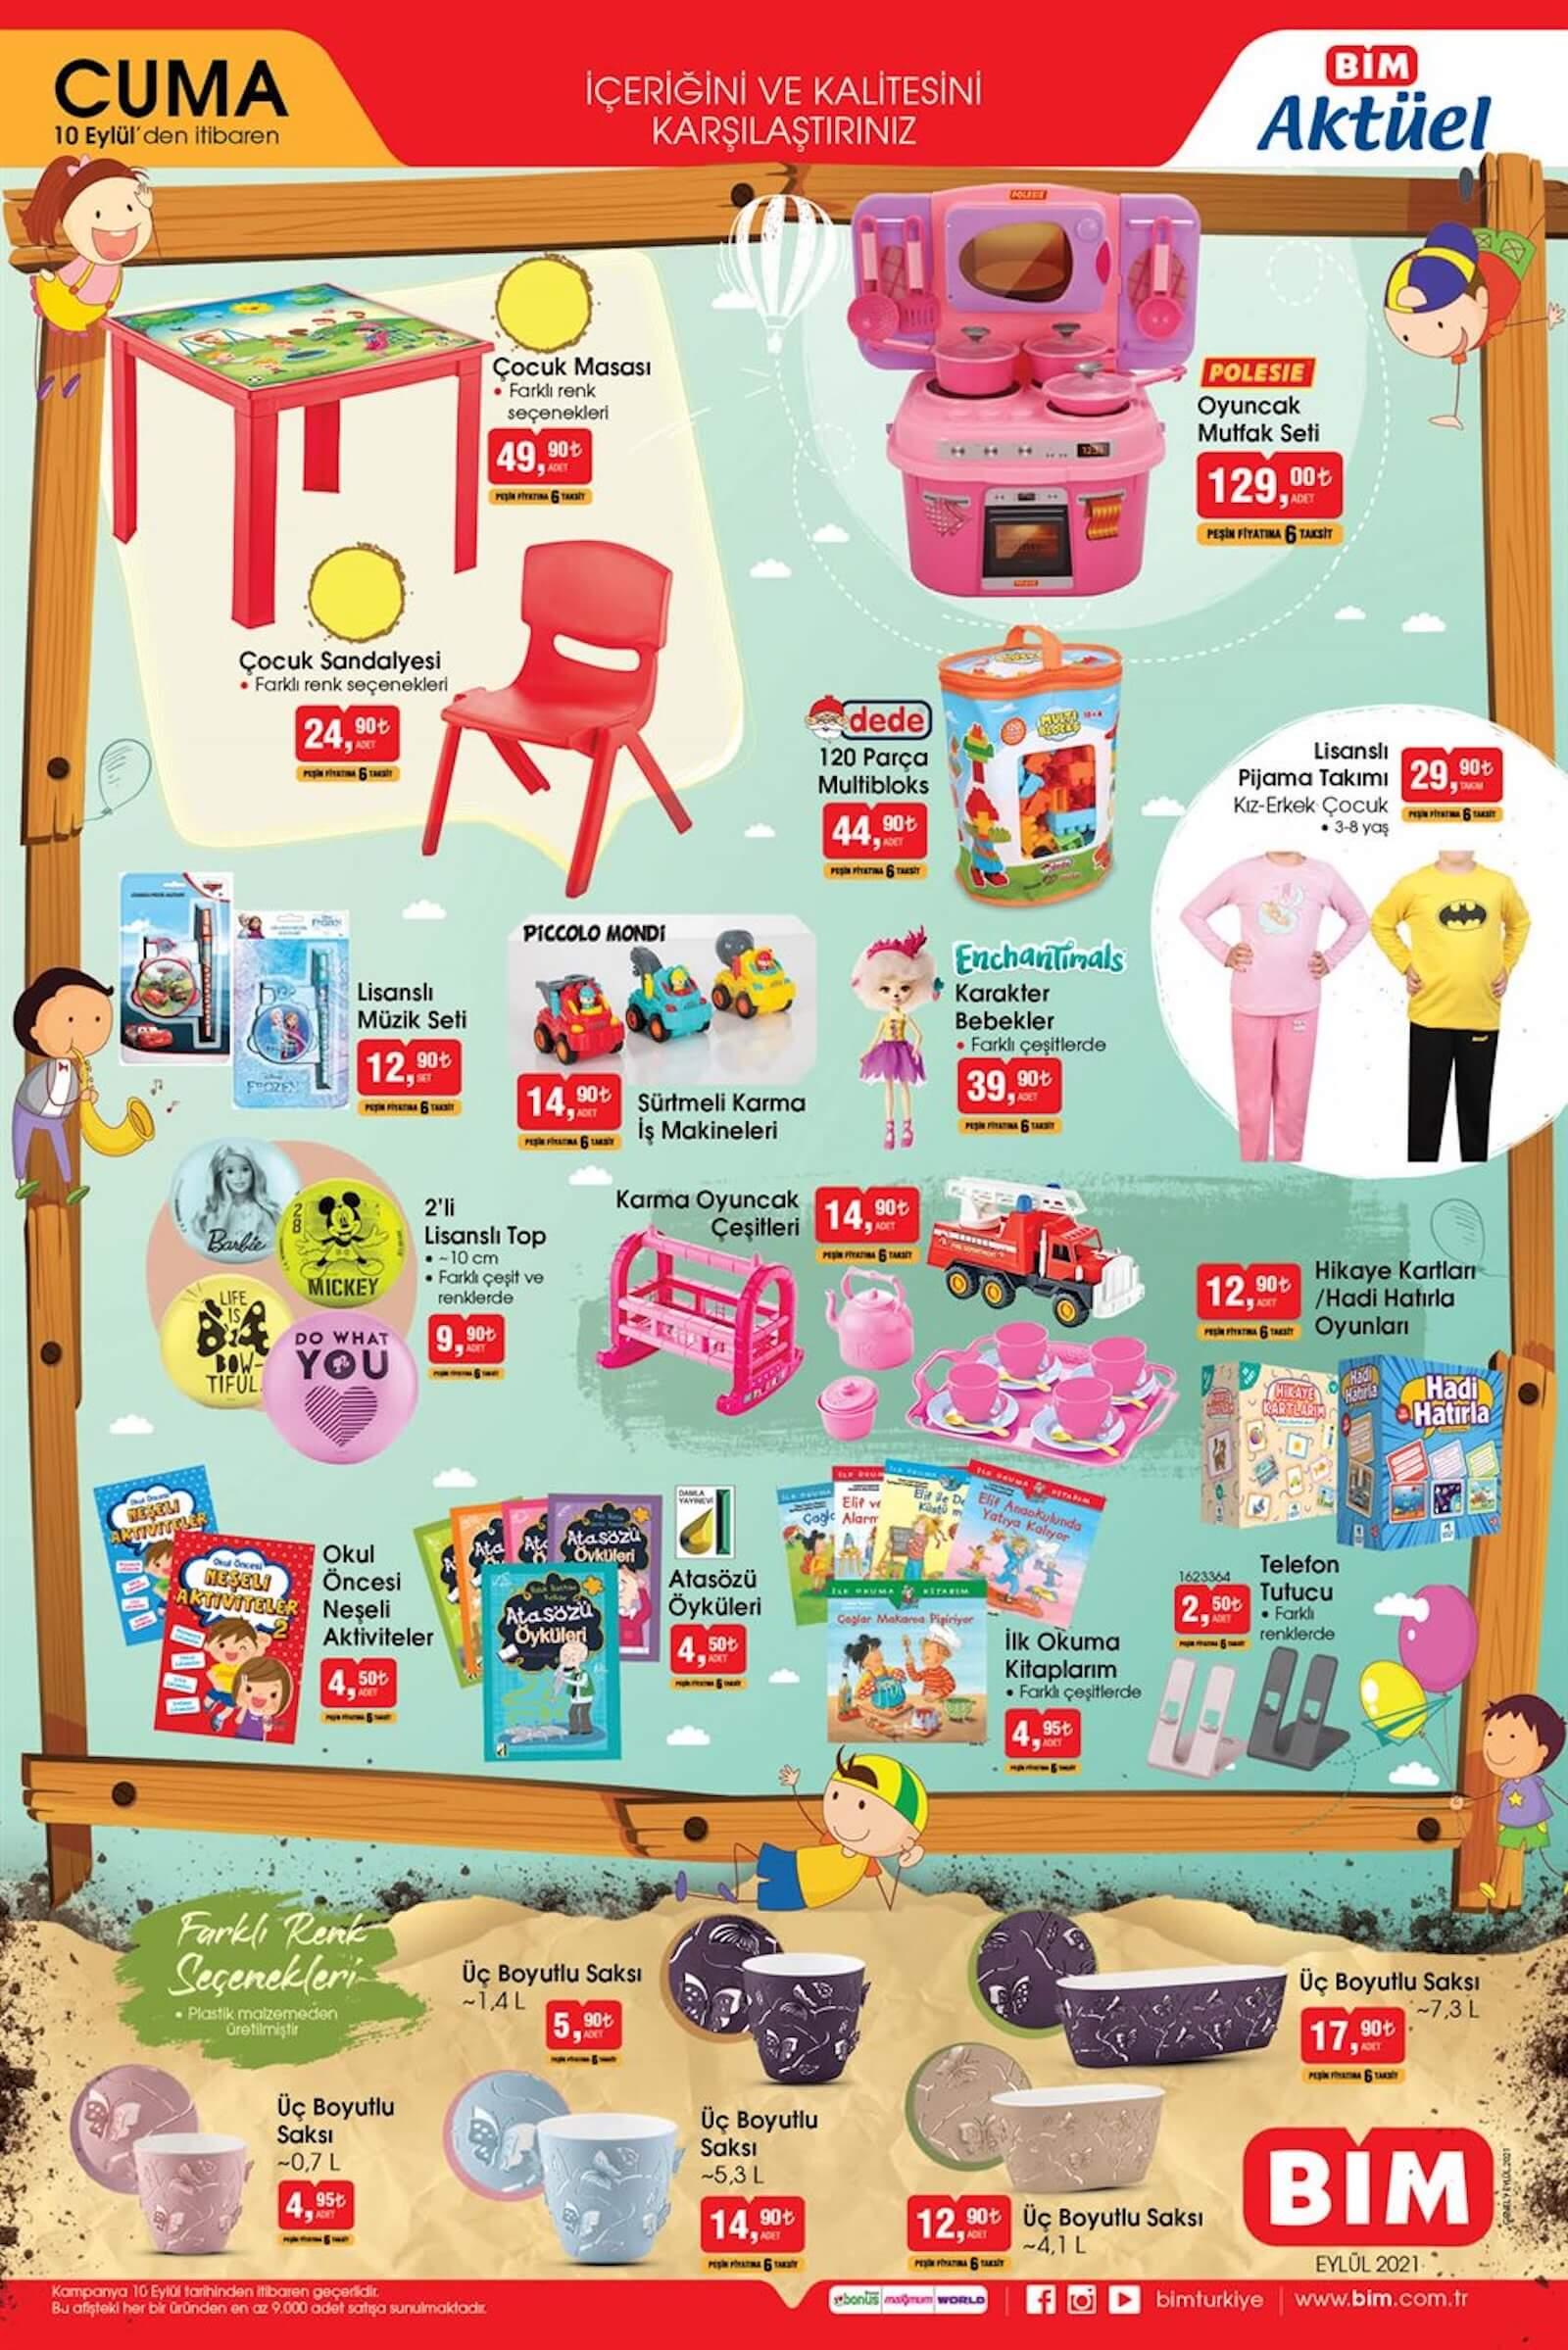 bim market 10 eylül indirimli ürünler listesi